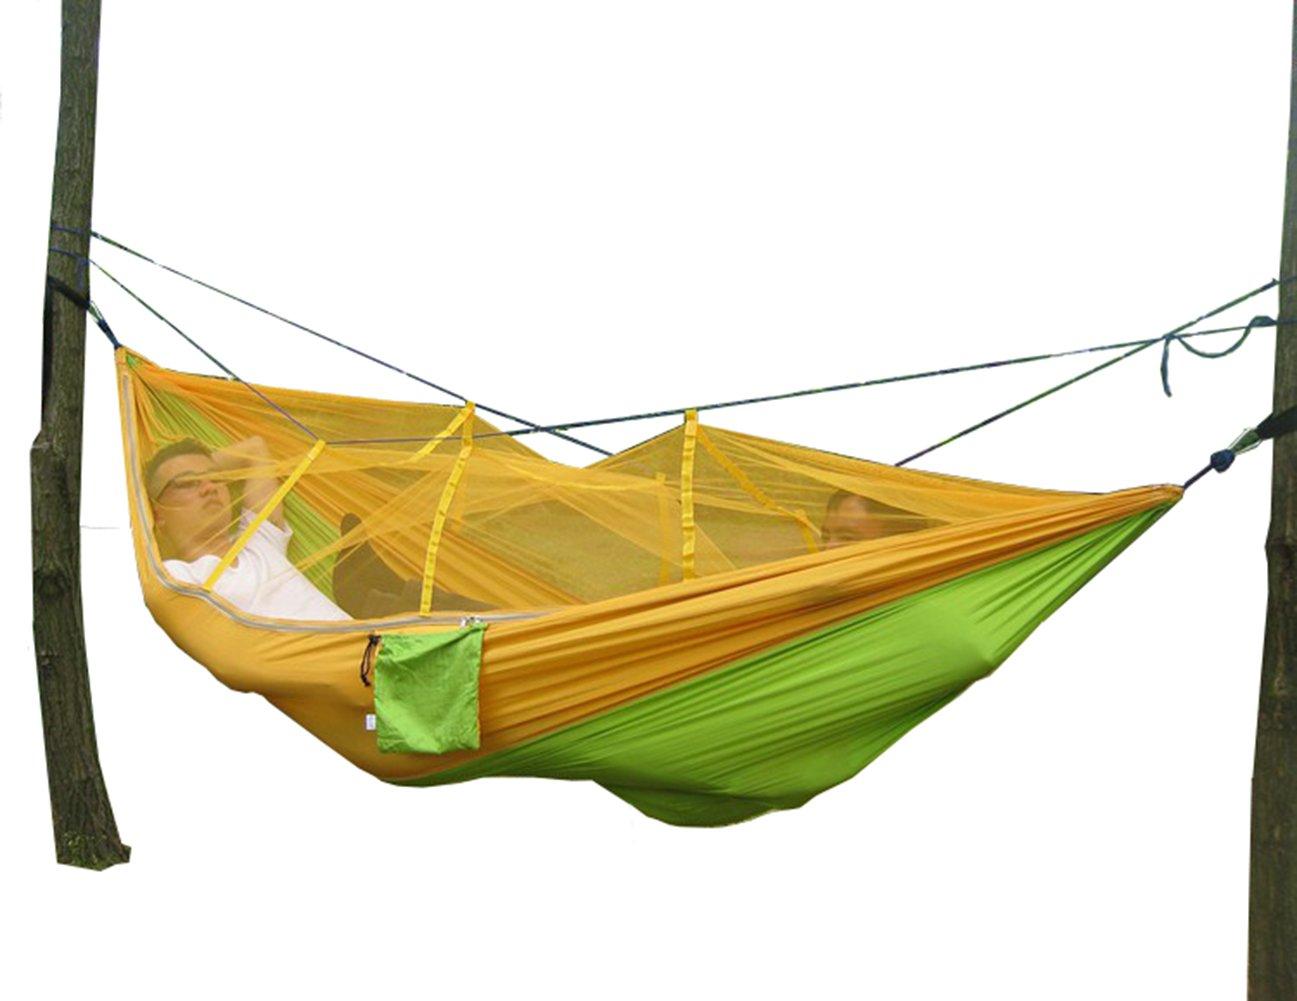 Hamaca Hamaca con mosquitera camping escapadas Saco de dormir Sleeping Bag, verde y amarillo: Amazon.es: Jardín